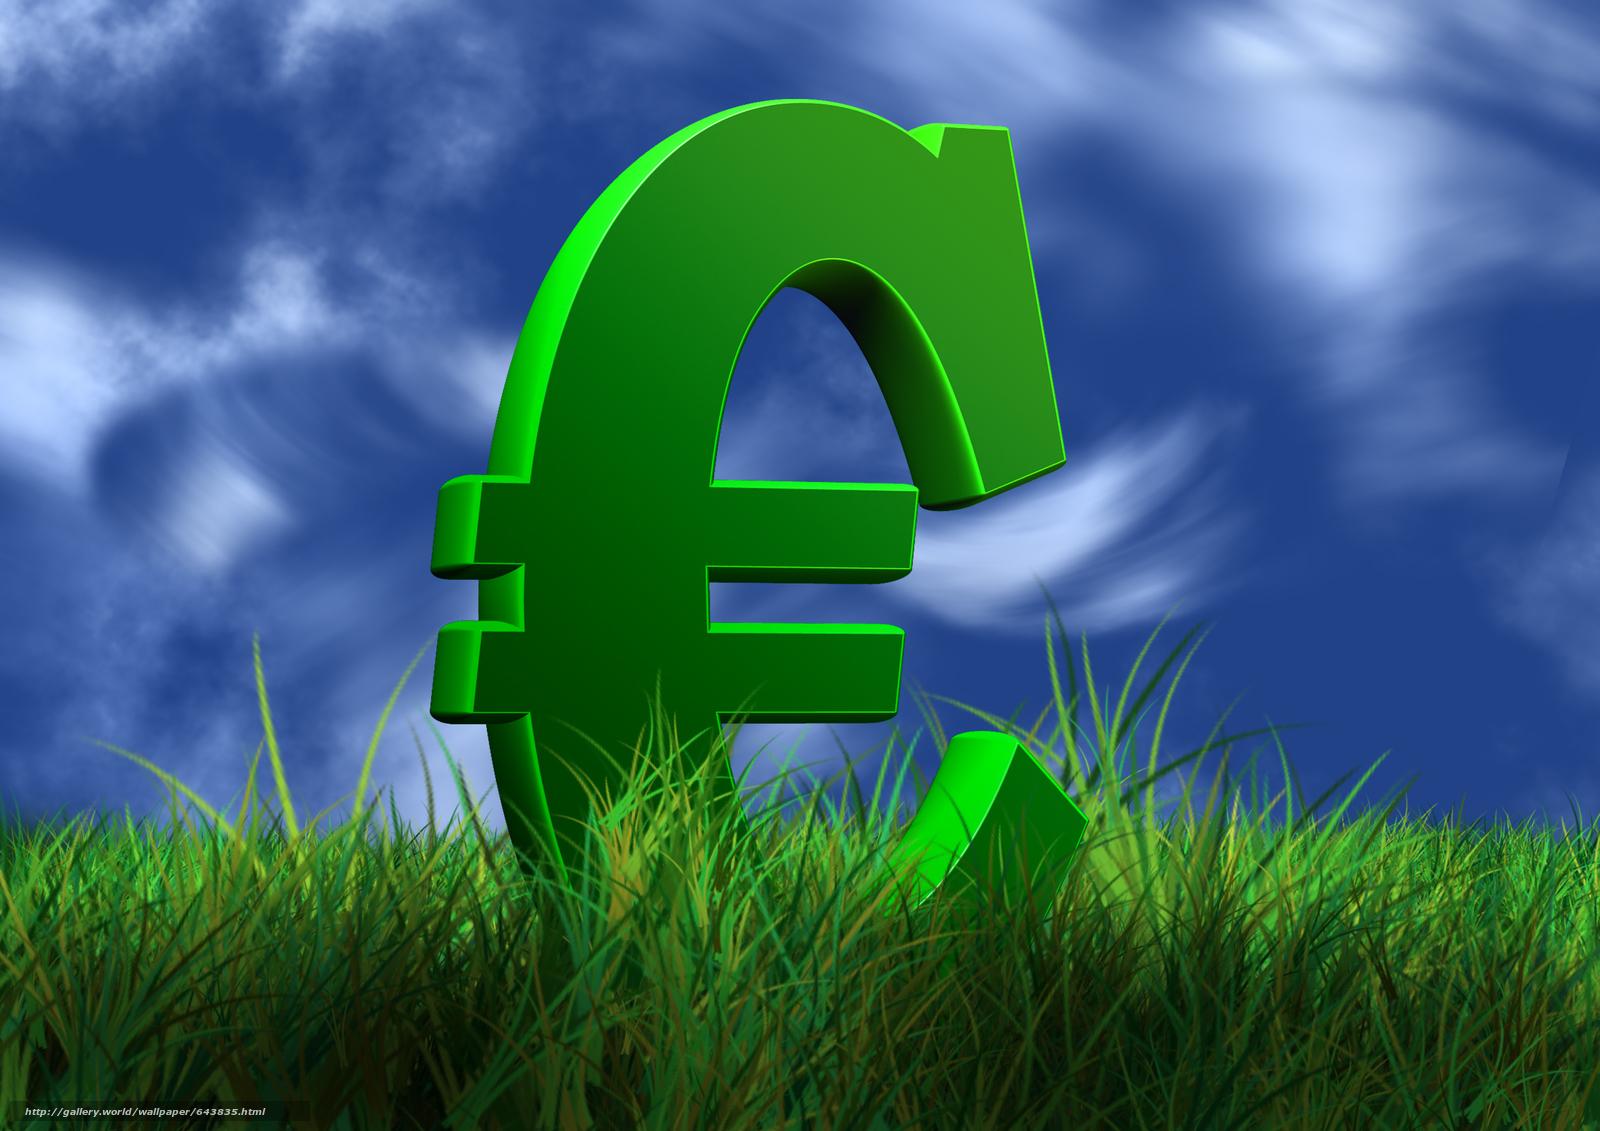 Скачать обои Деньги,  Евро,  финансы,  валюта бесплатно для рабочего стола в разрешении 2100x1485 — картинка №643835